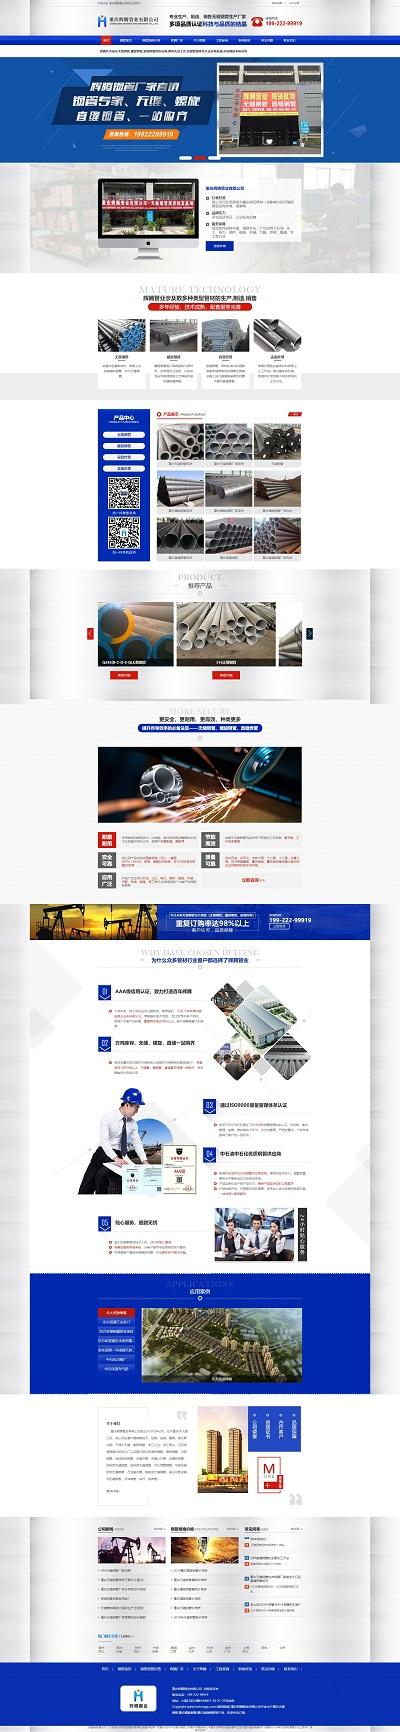 重庆辉腾管业有限公司网站建设案例